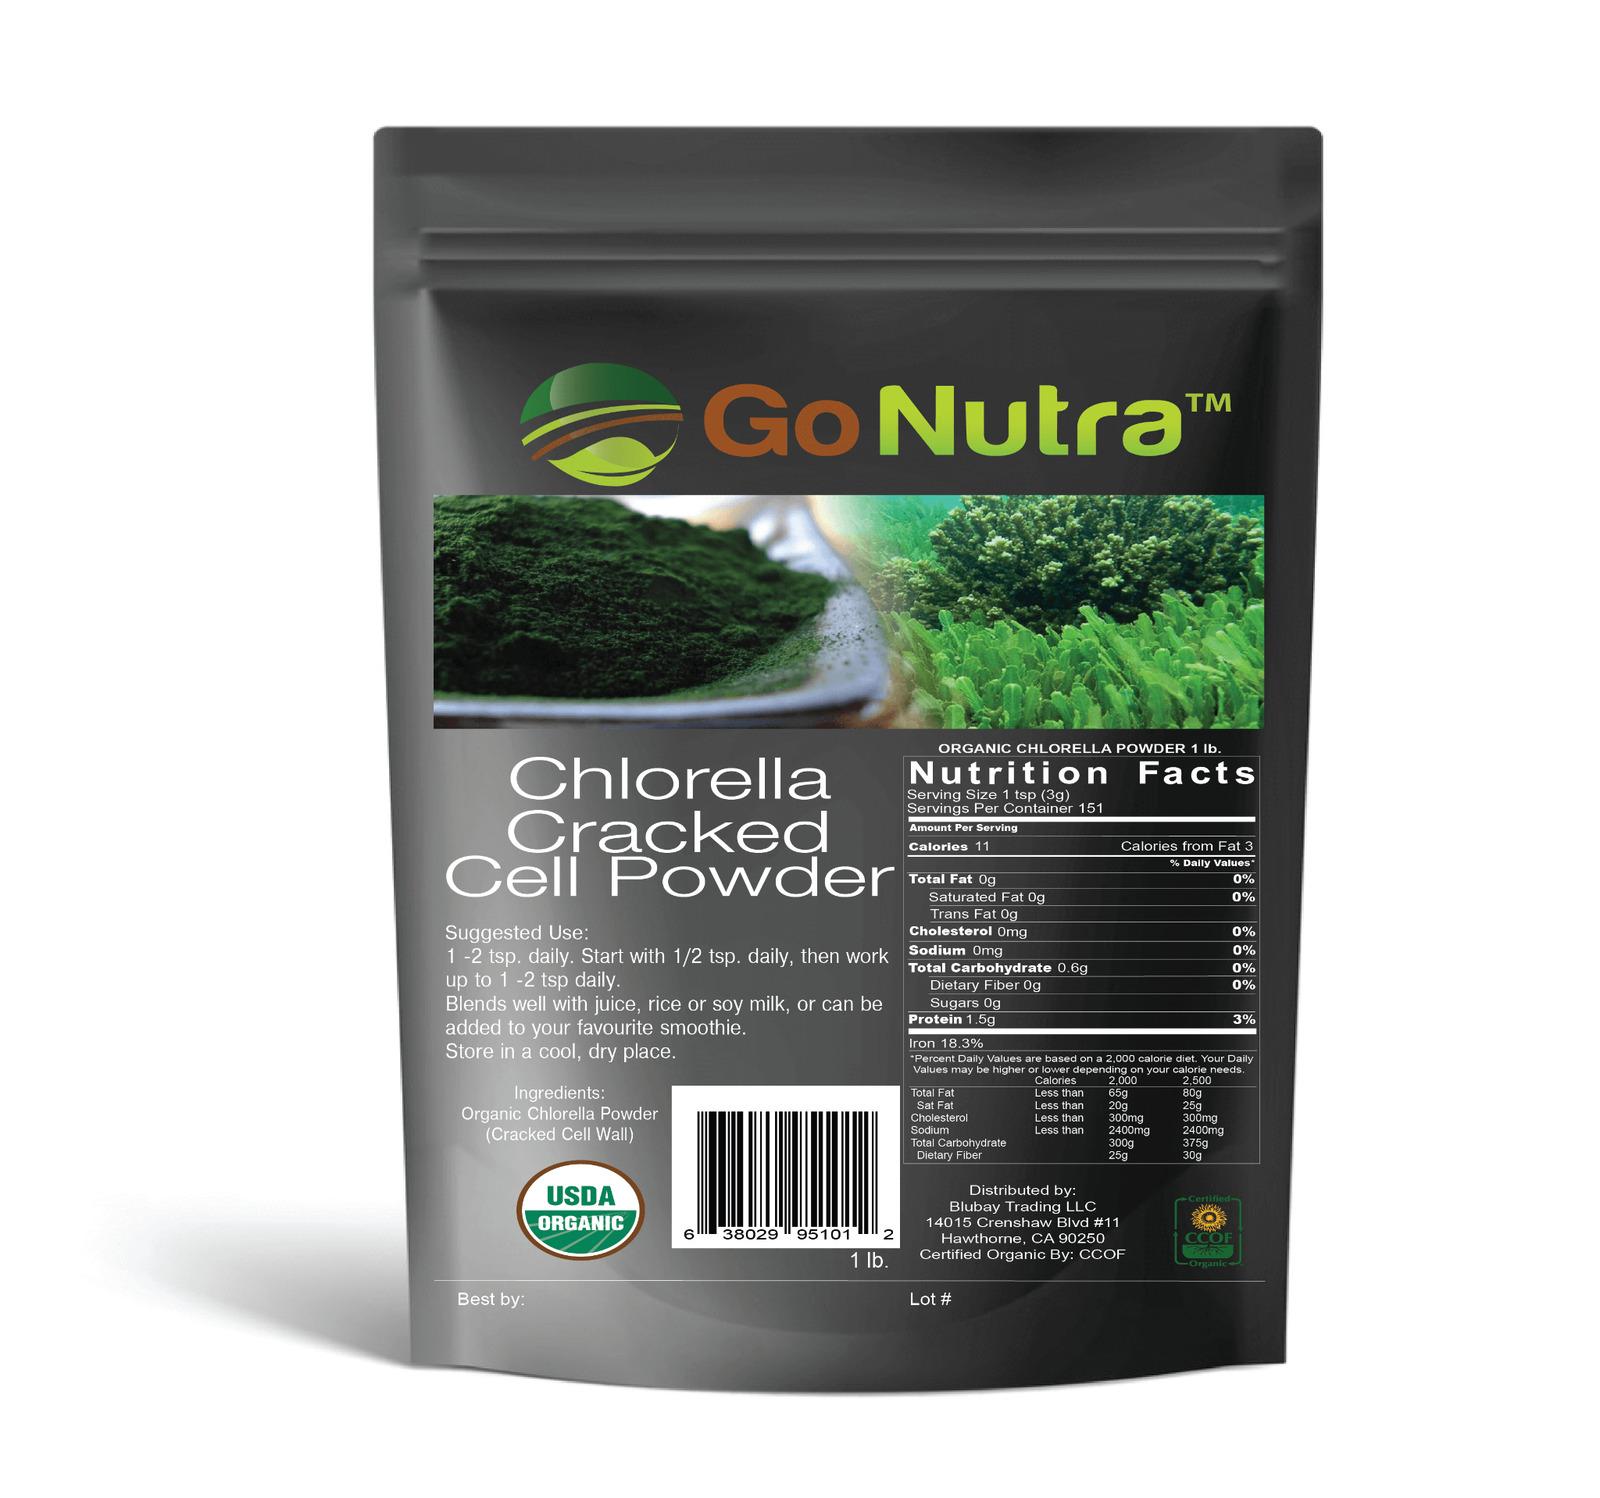 Chlorella Cracked Cell Powder 100% Pure Organic Non-Gmo Wholesale 1 lb